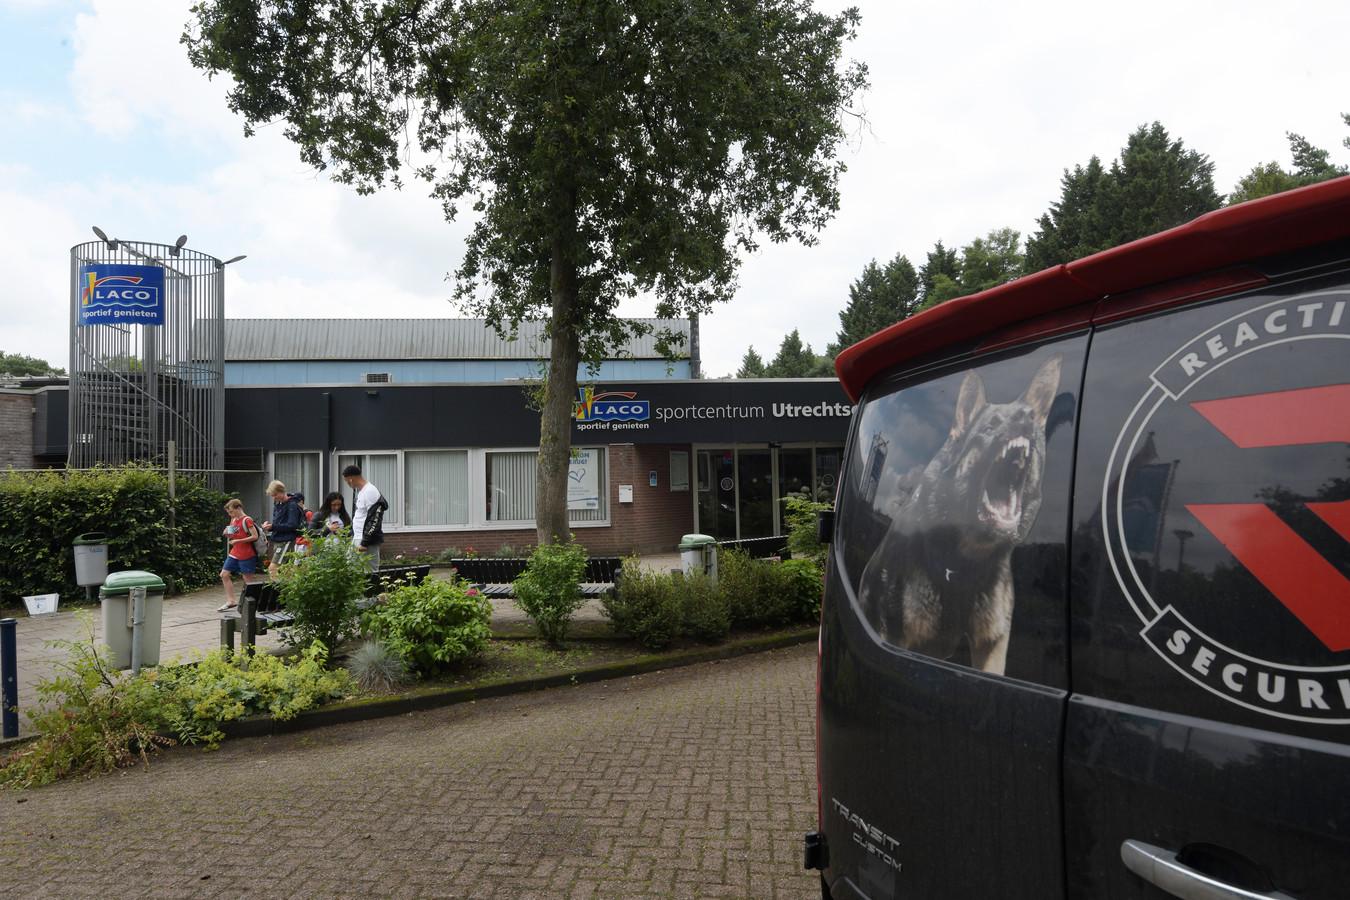 Er is standaard beveiliging bij het Laco Sportcentrum in Driebergen, waar het vrijdagavond uit de hand liep.